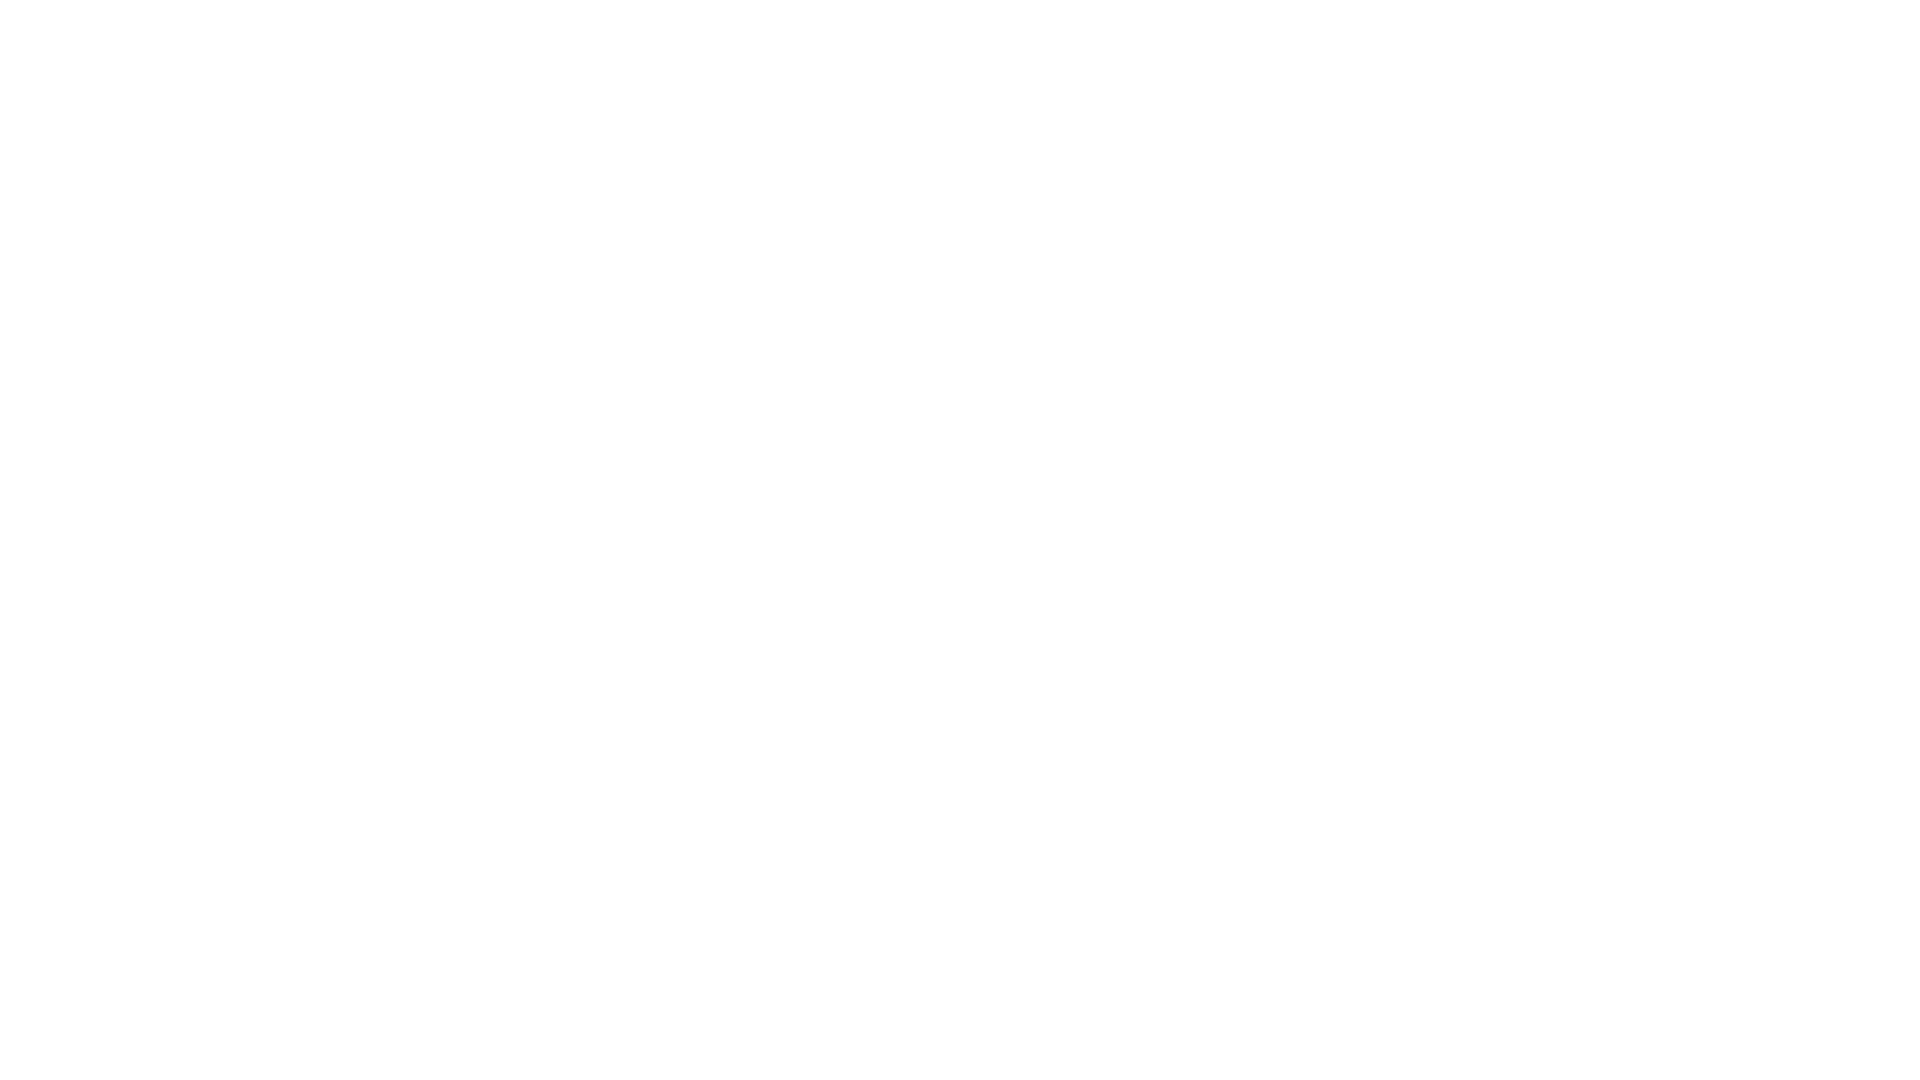 slid 3